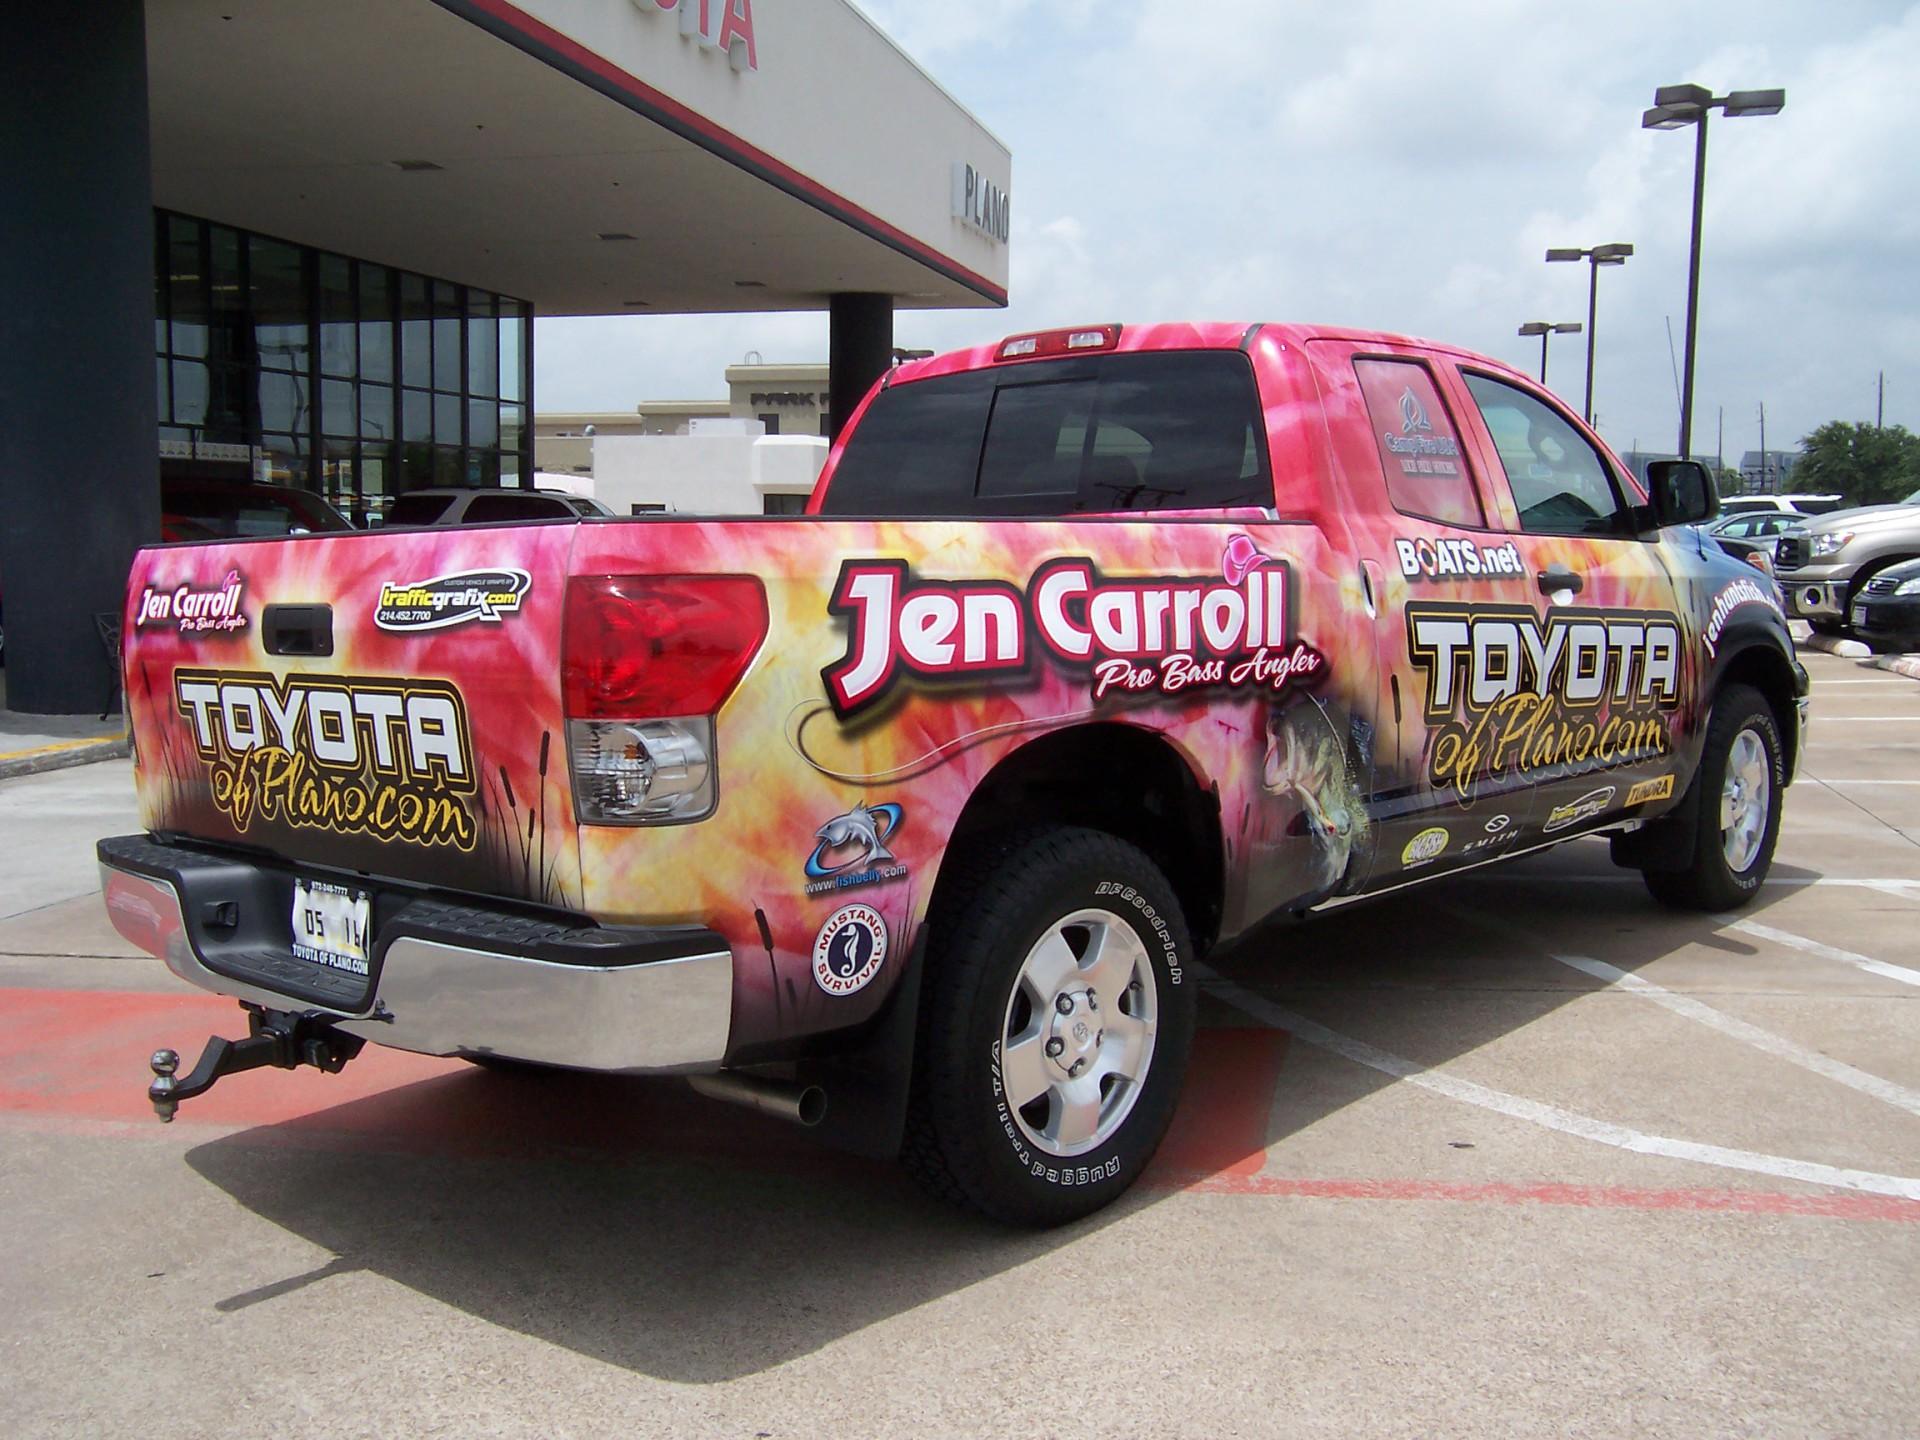 Jen Carroll Toyota